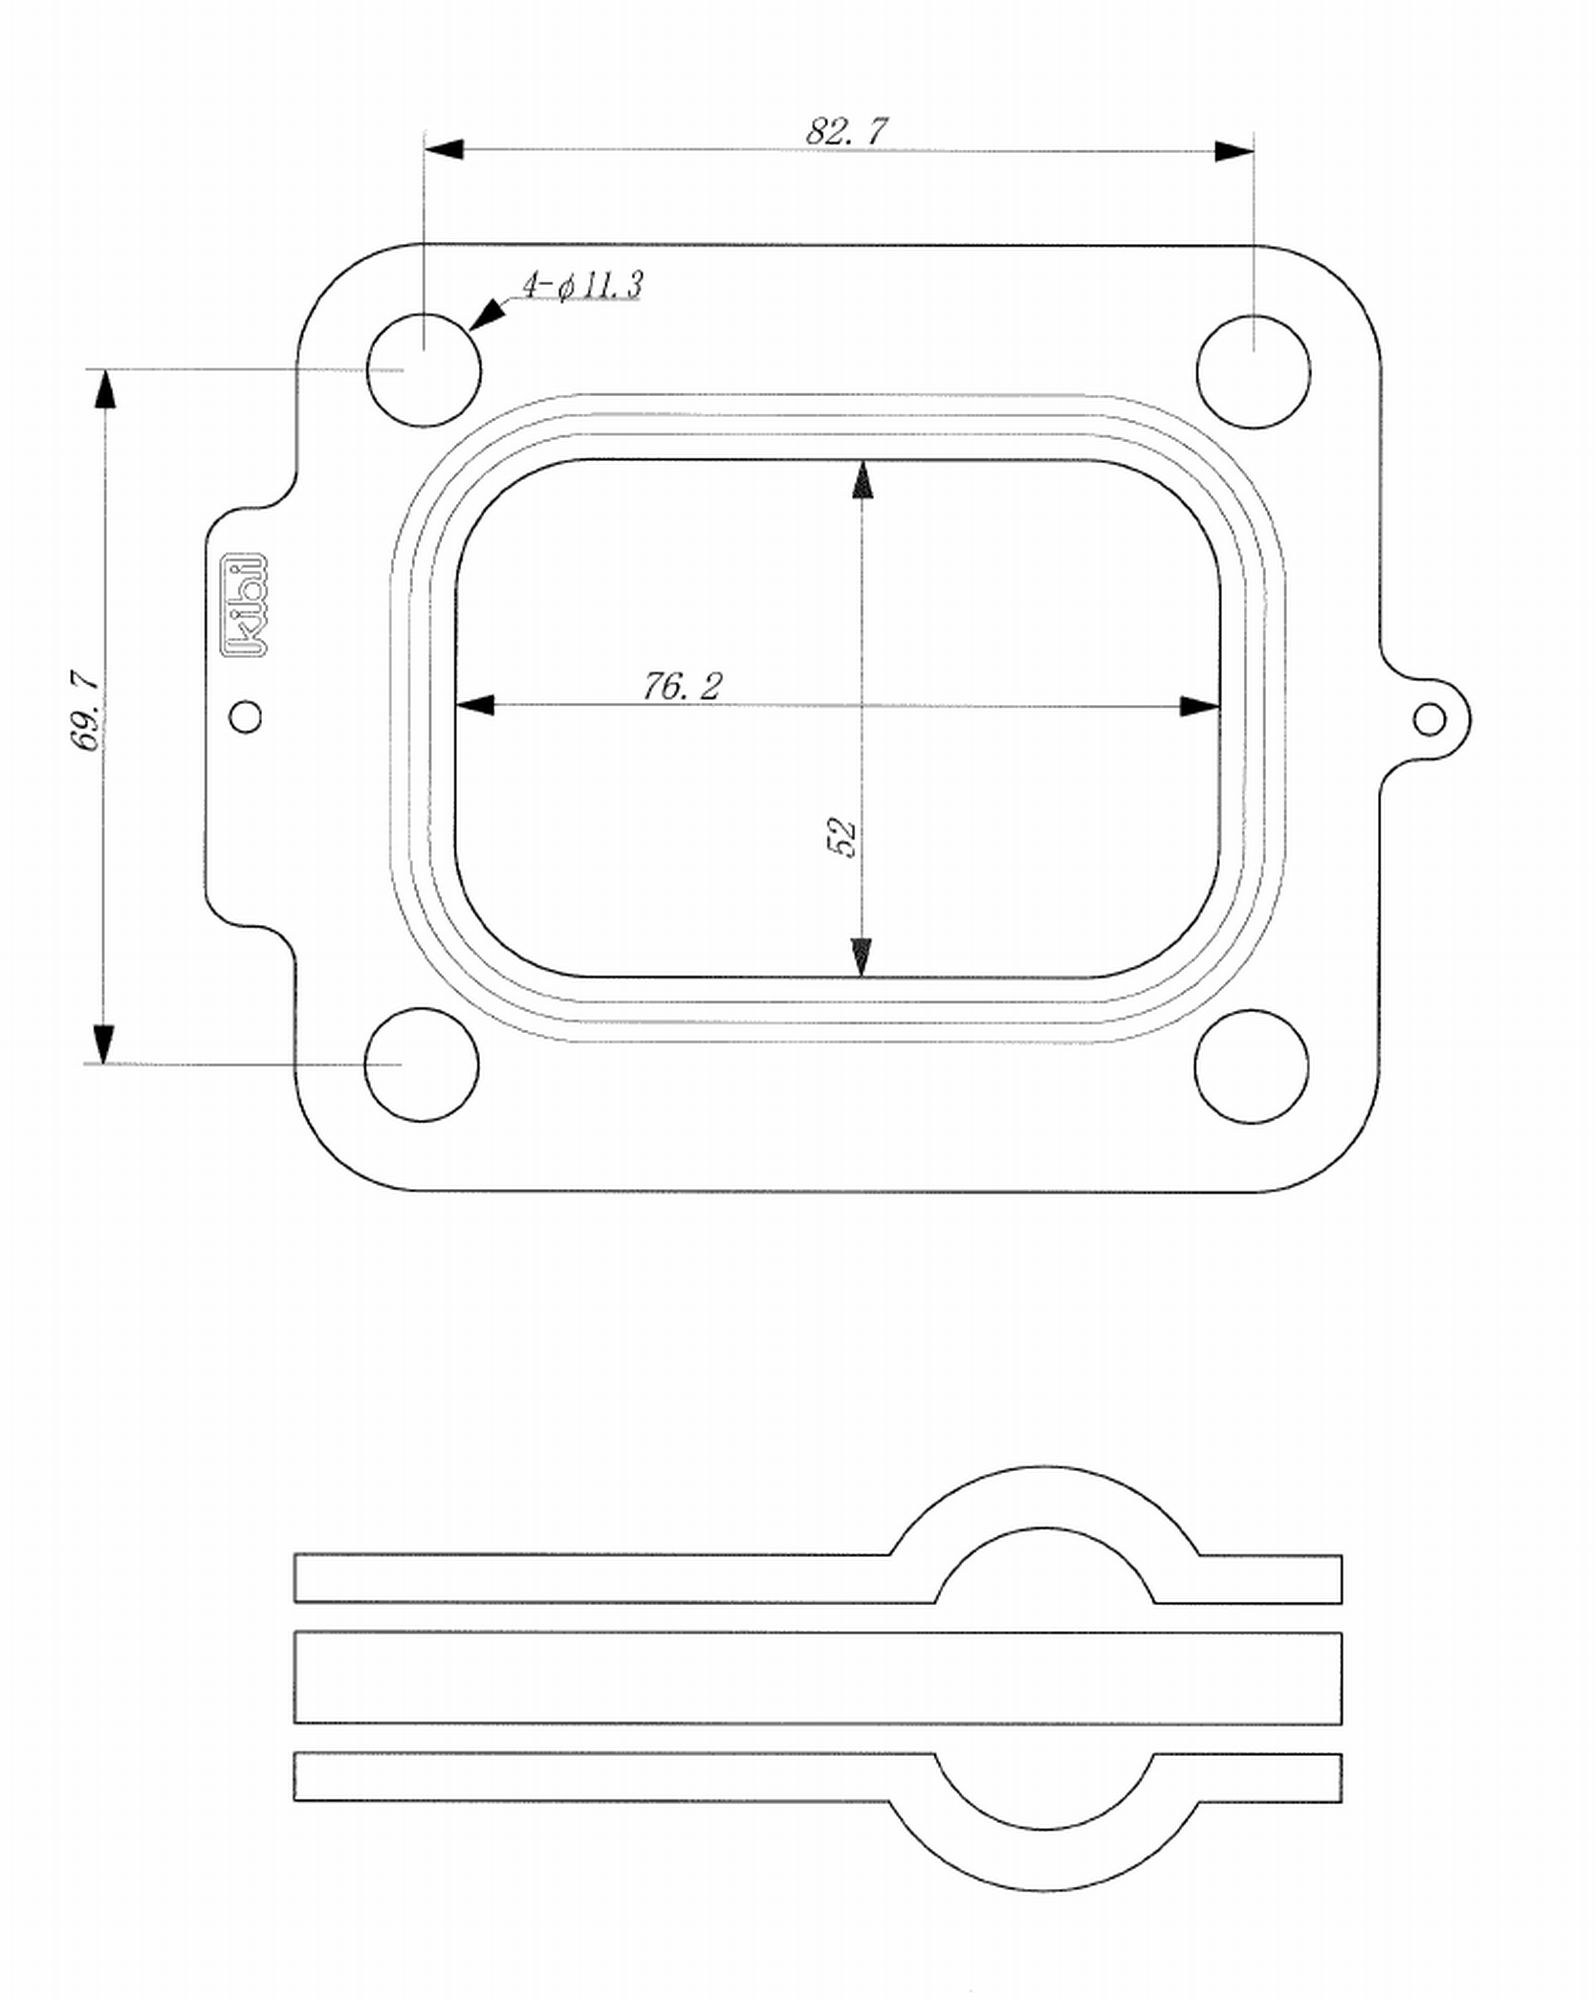 メタル製タービンインレットガスケット<br />ST-STUV09-002